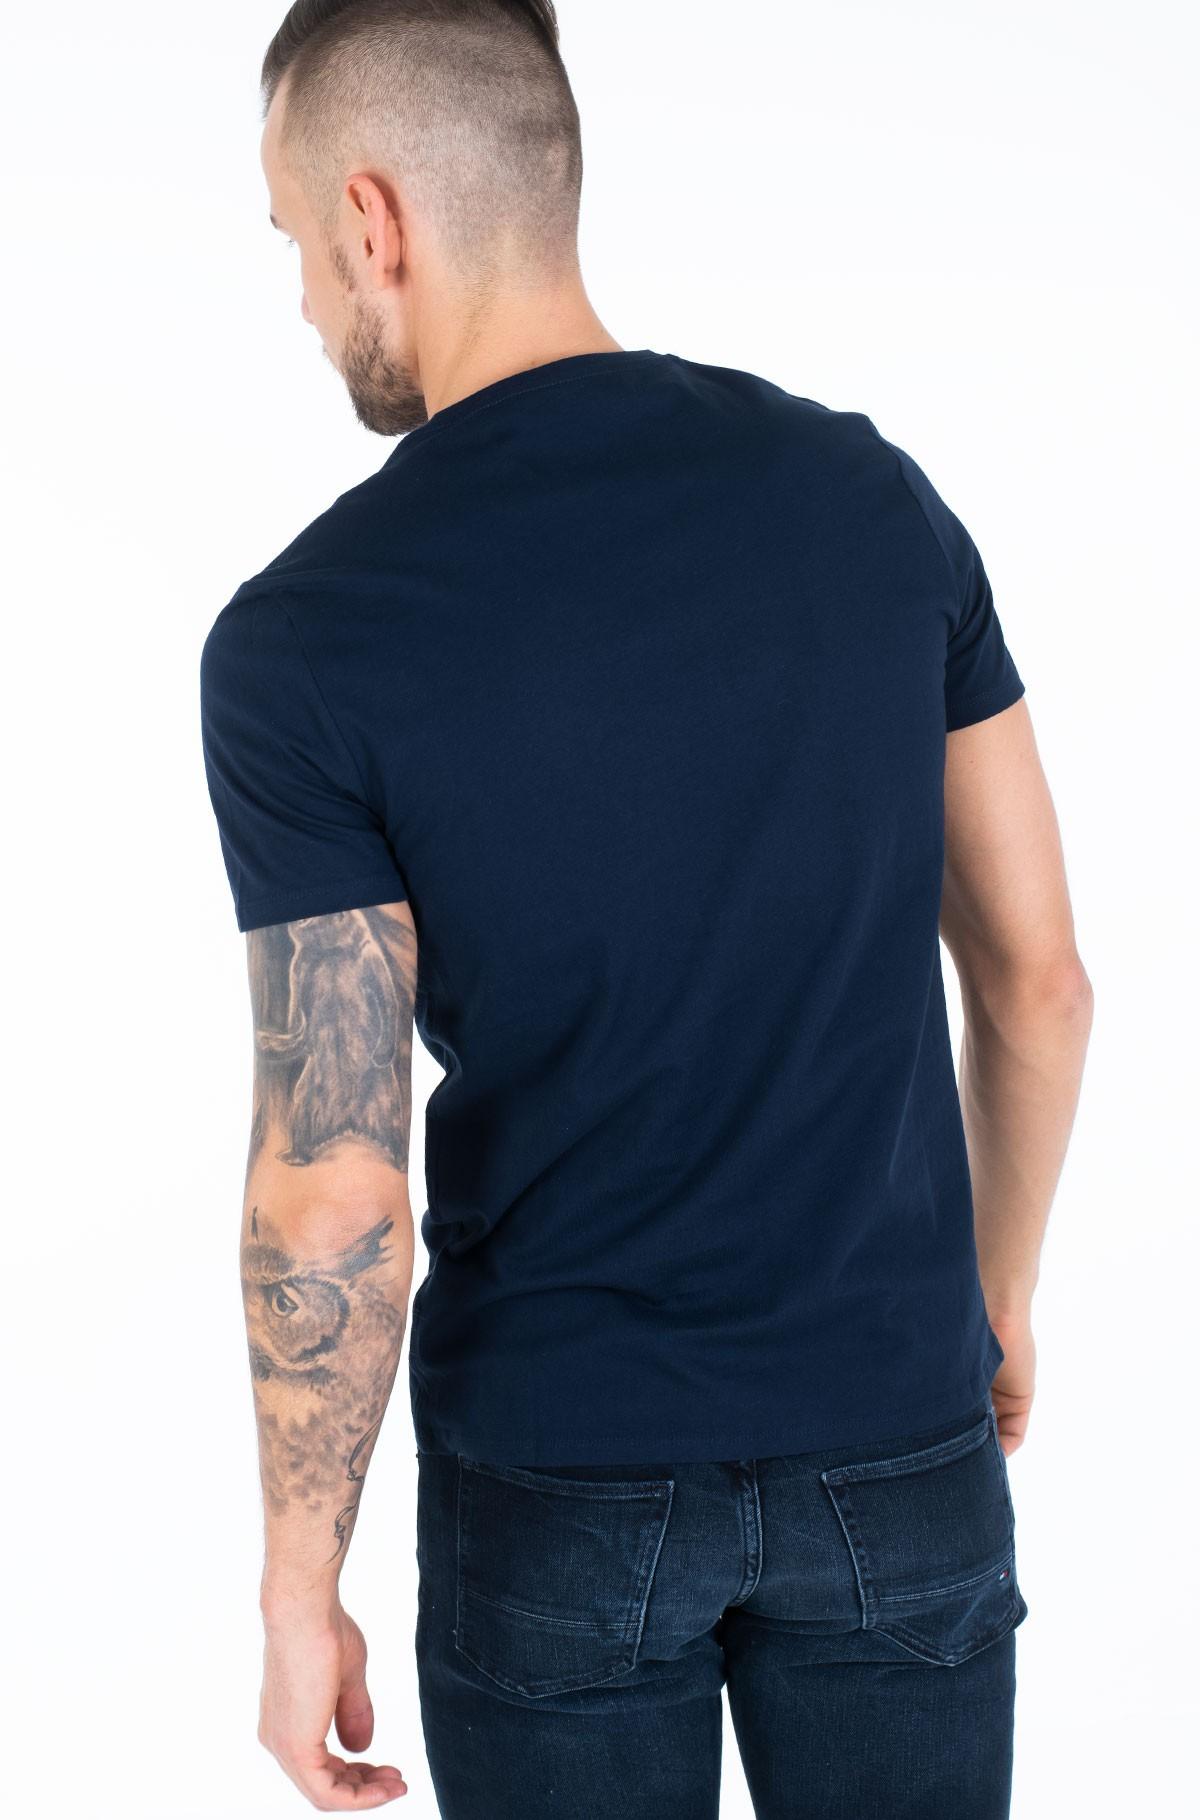 T-shirt M01I36 I3Z00-full-2